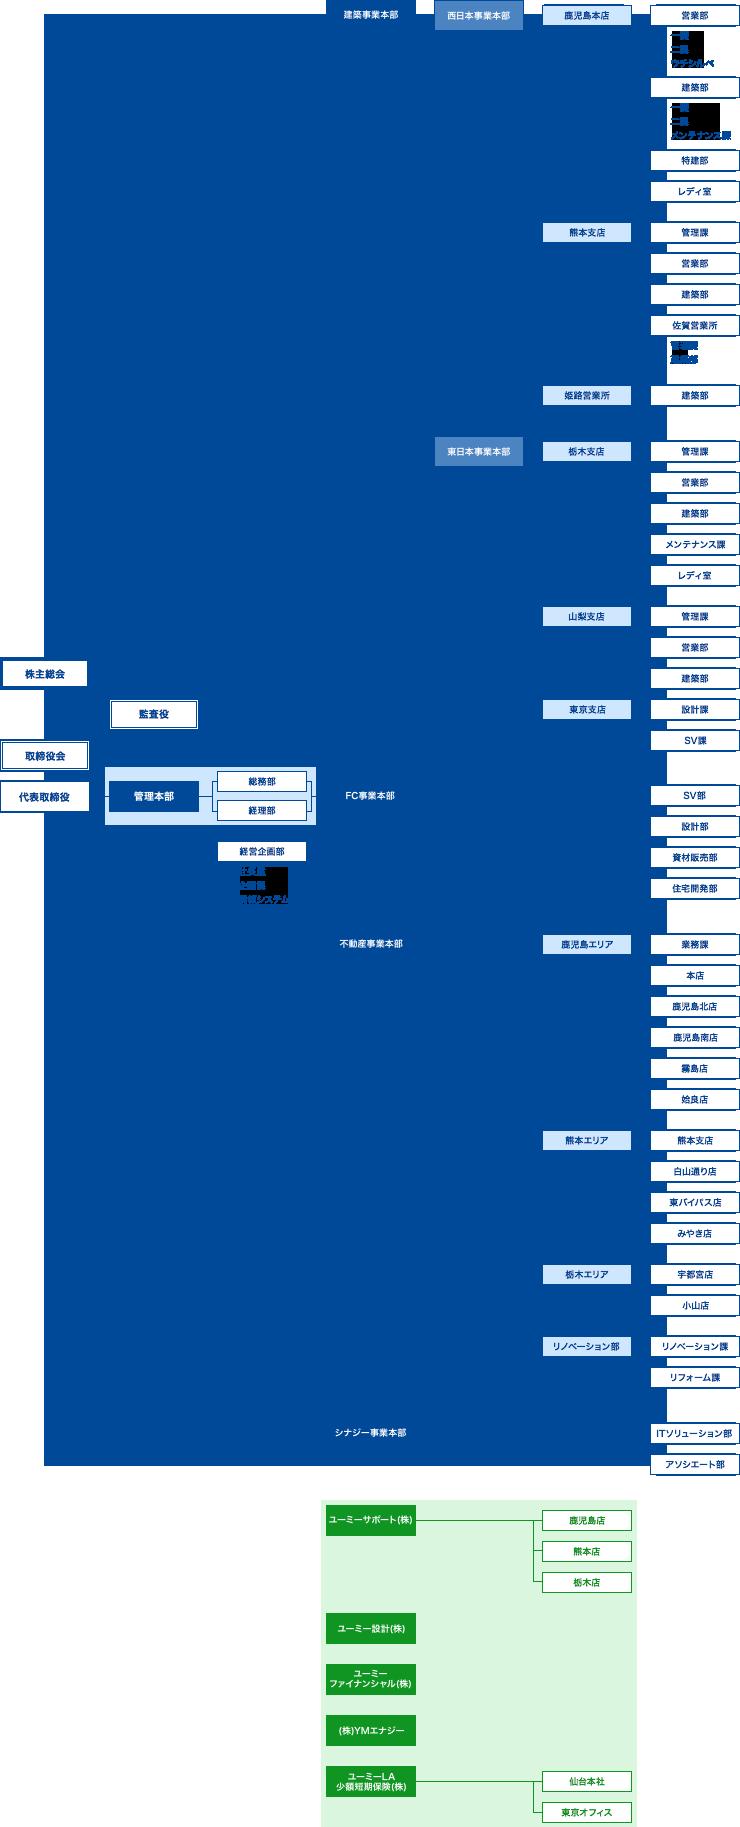 組織図 [2018.04]